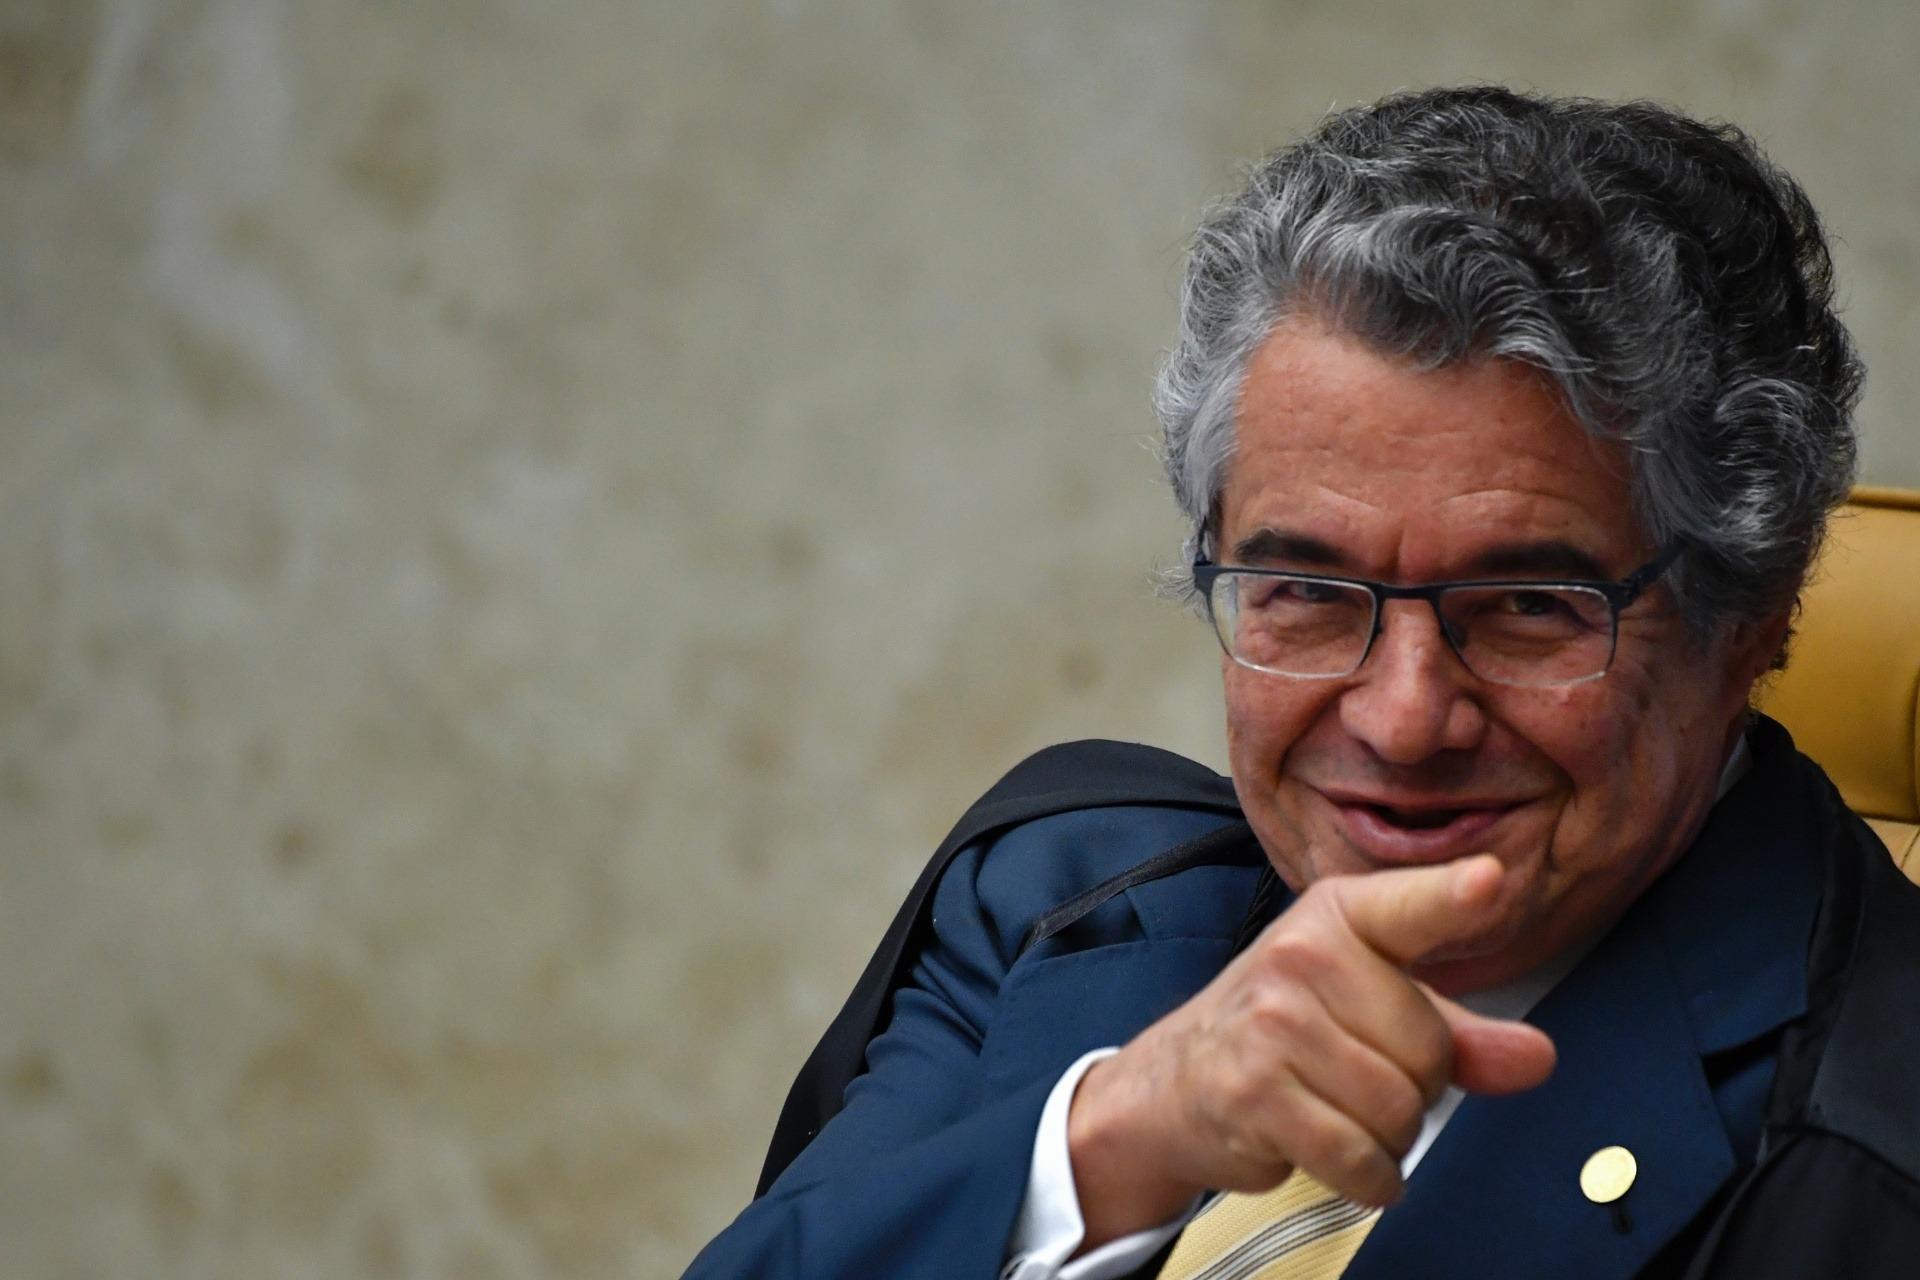 Marco Aurélio, PCCA